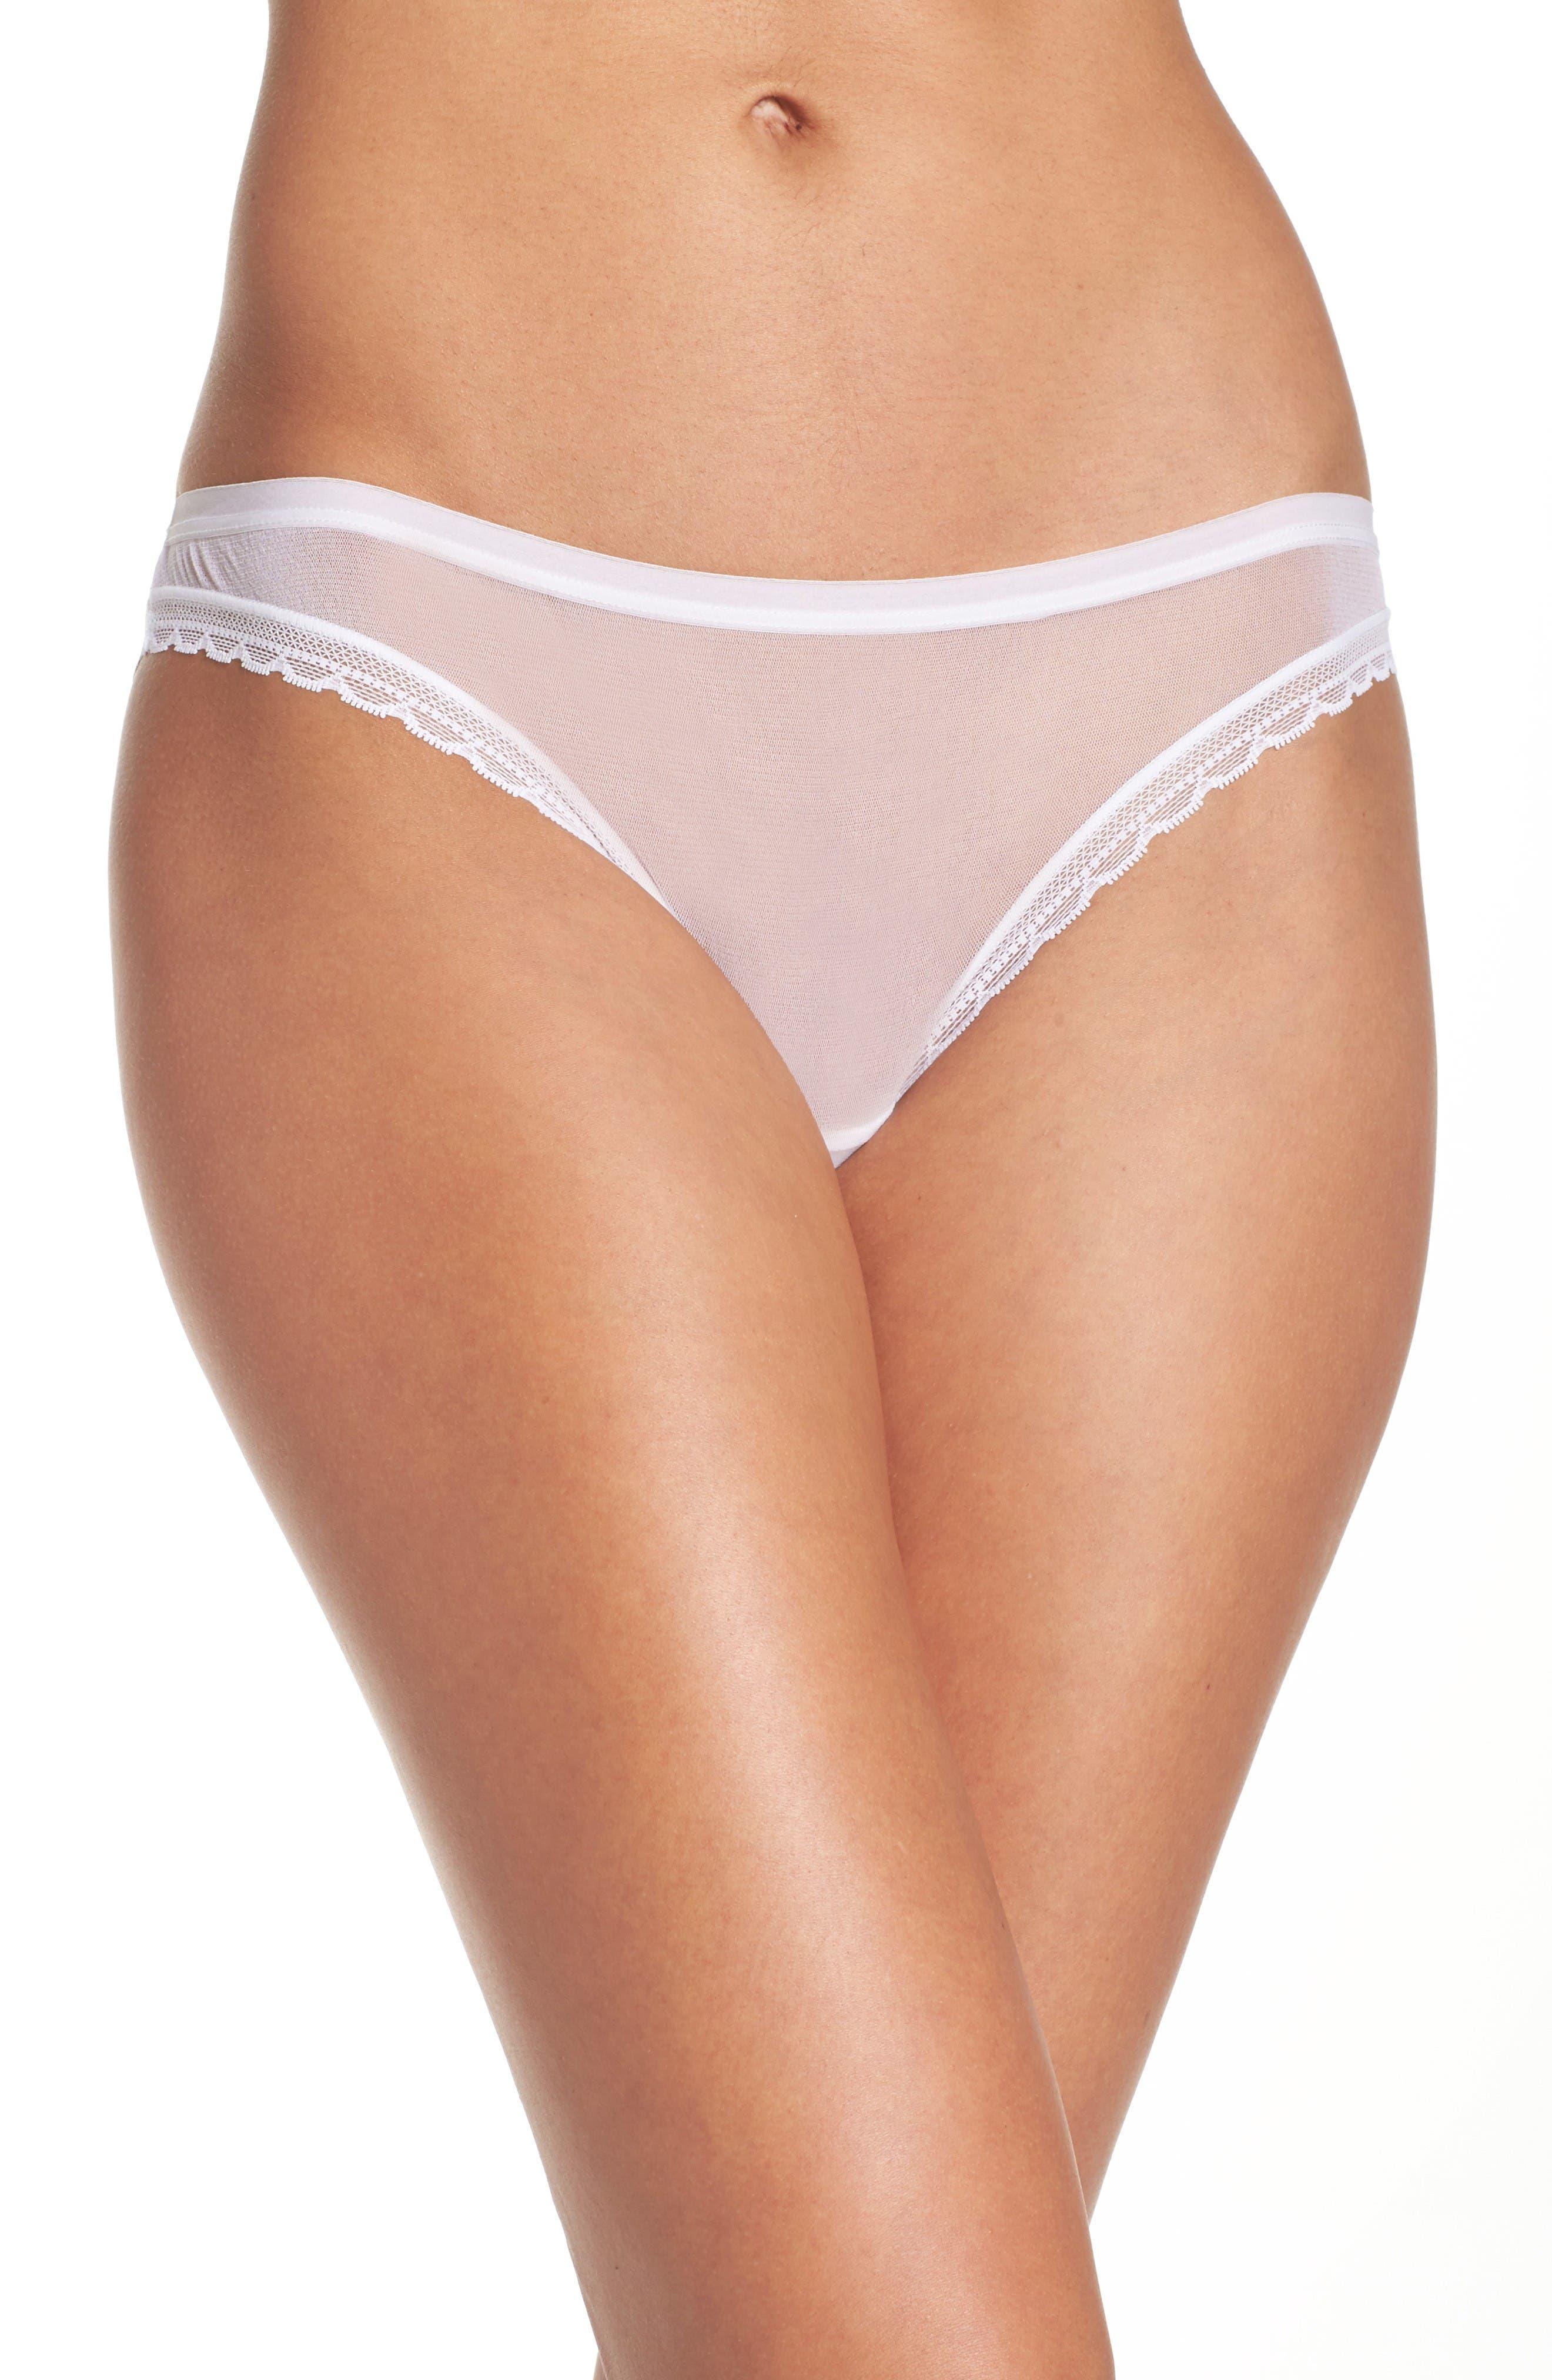 Mesh Bikini,                             Main thumbnail 1, color,                             White